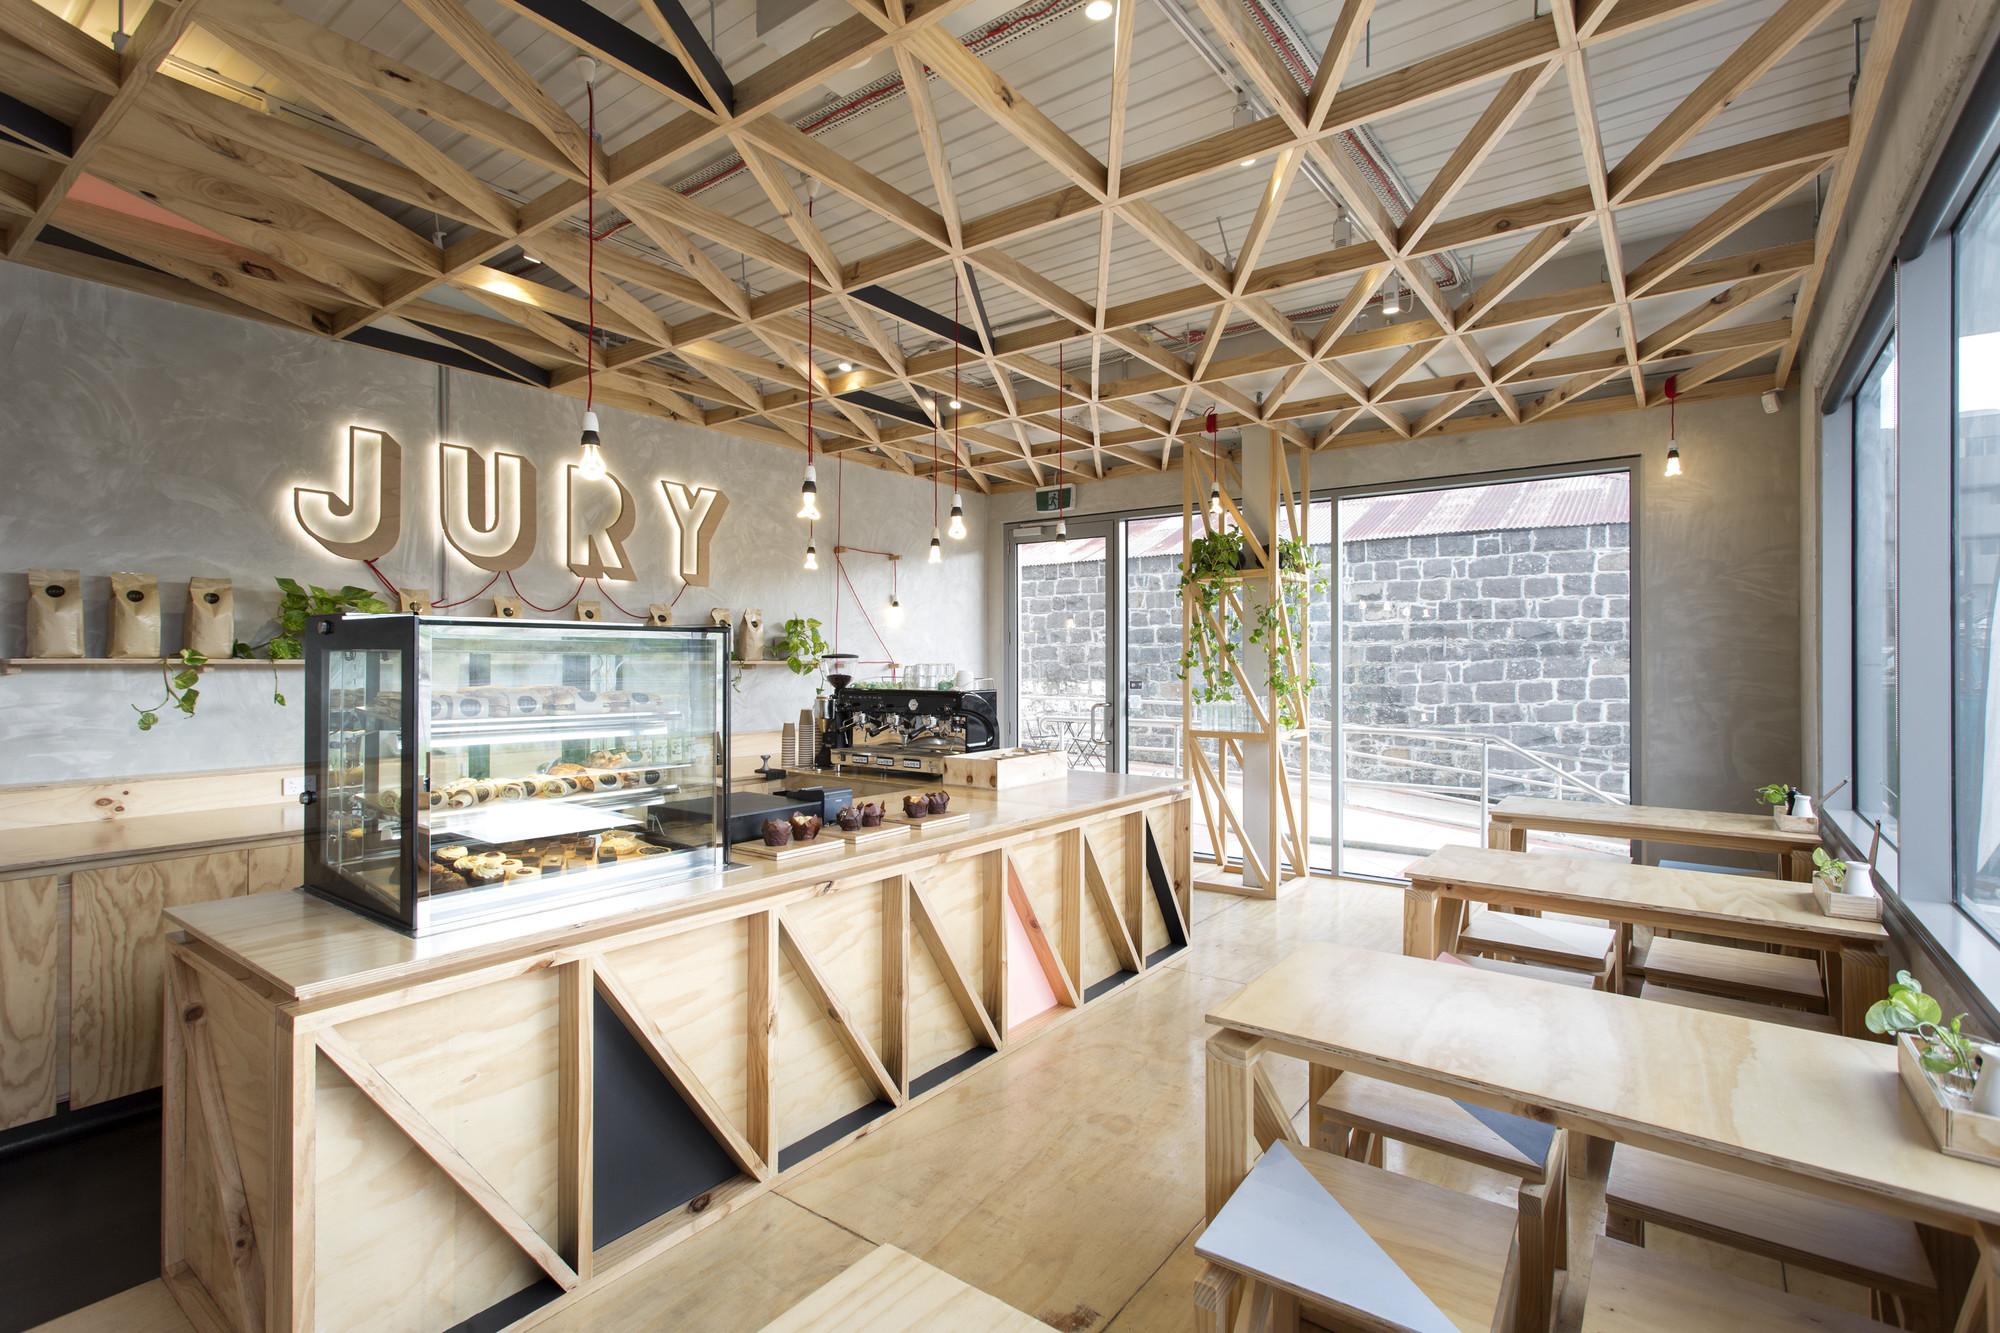 biasol jury 001 Jury / Biasol: Design Studio